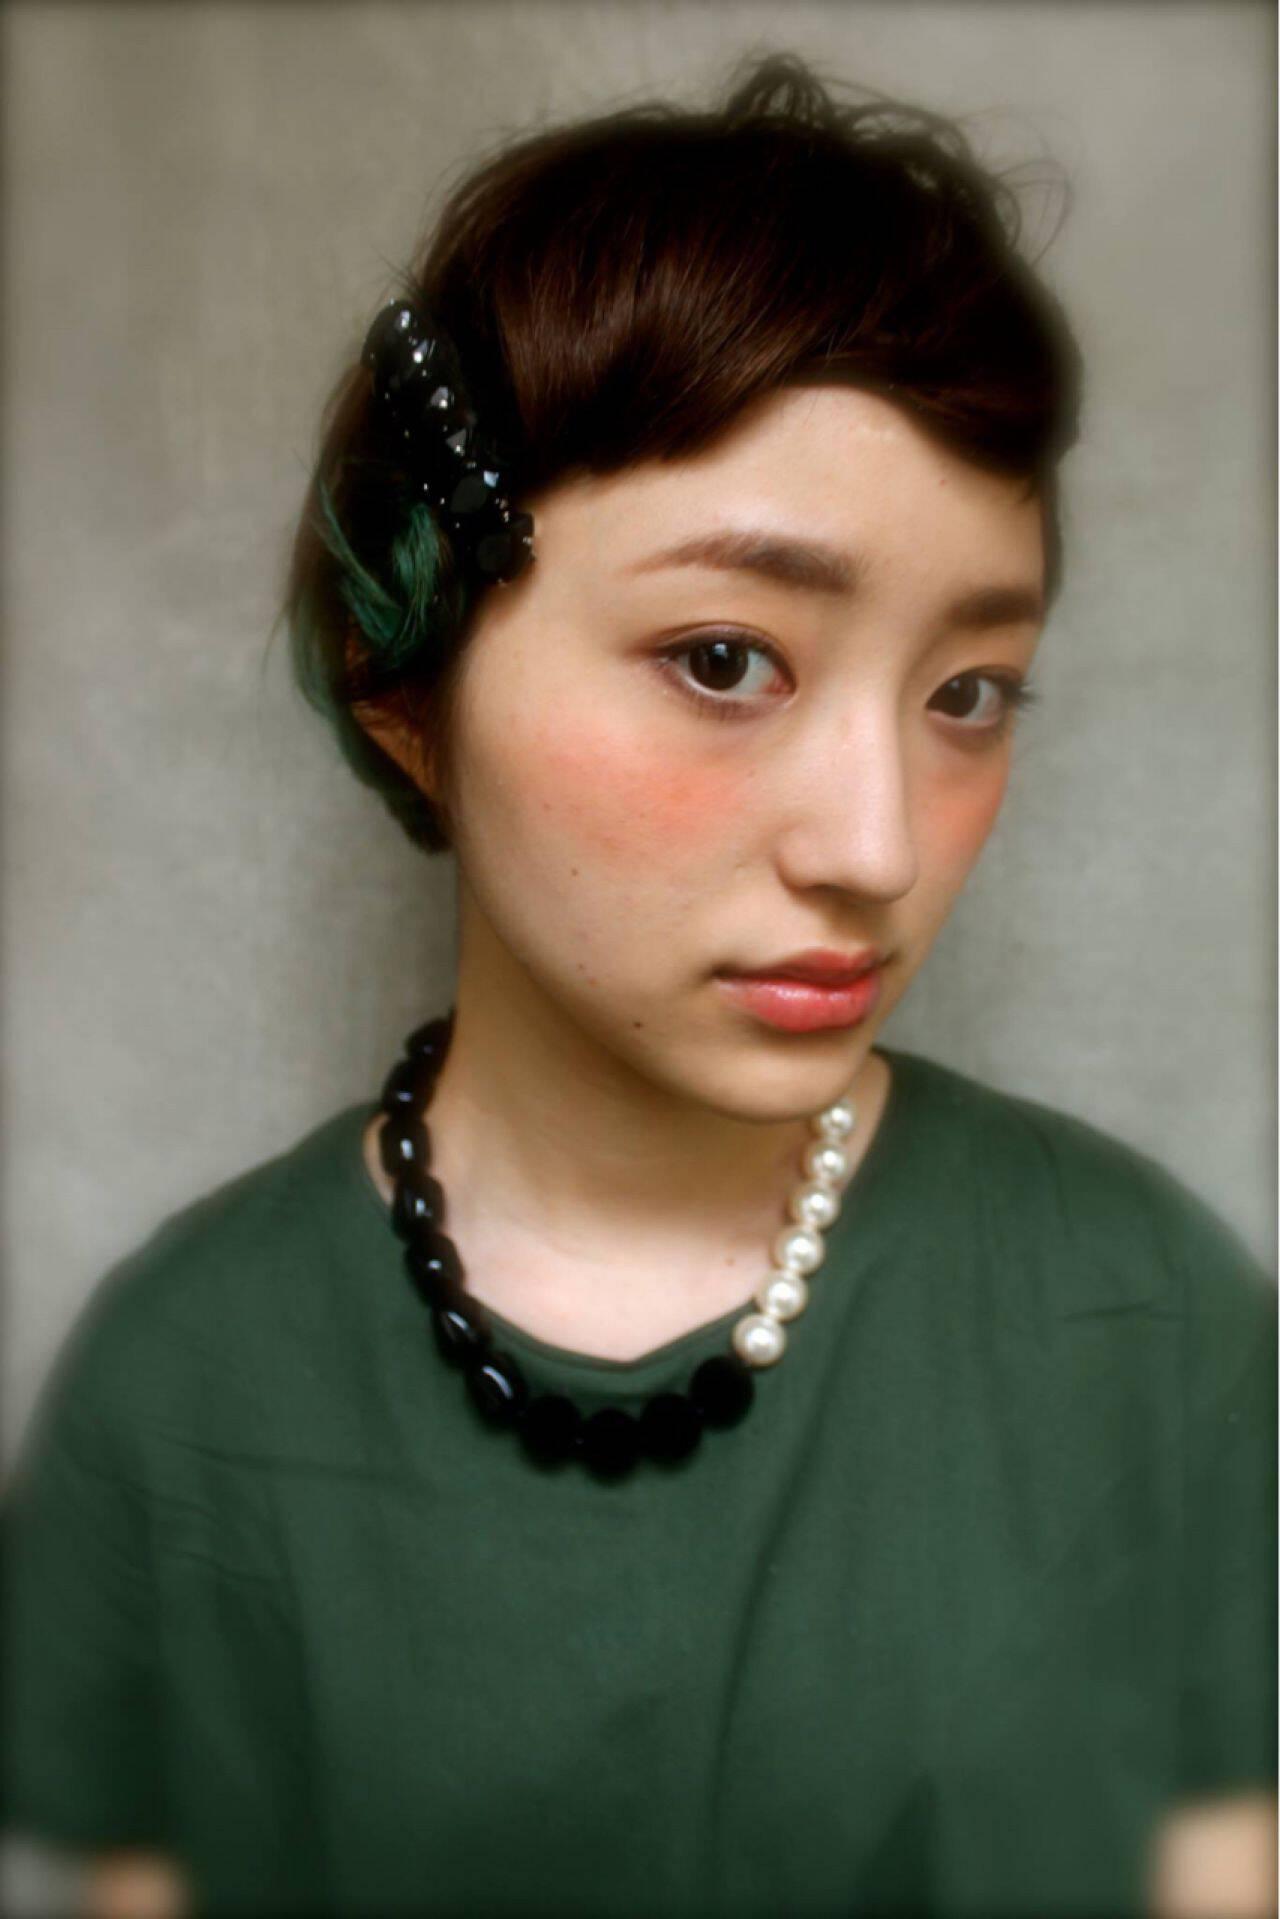 ヘアアレンジ ストレート 三つ編み ストリートヘアスタイルや髪型の写真・画像